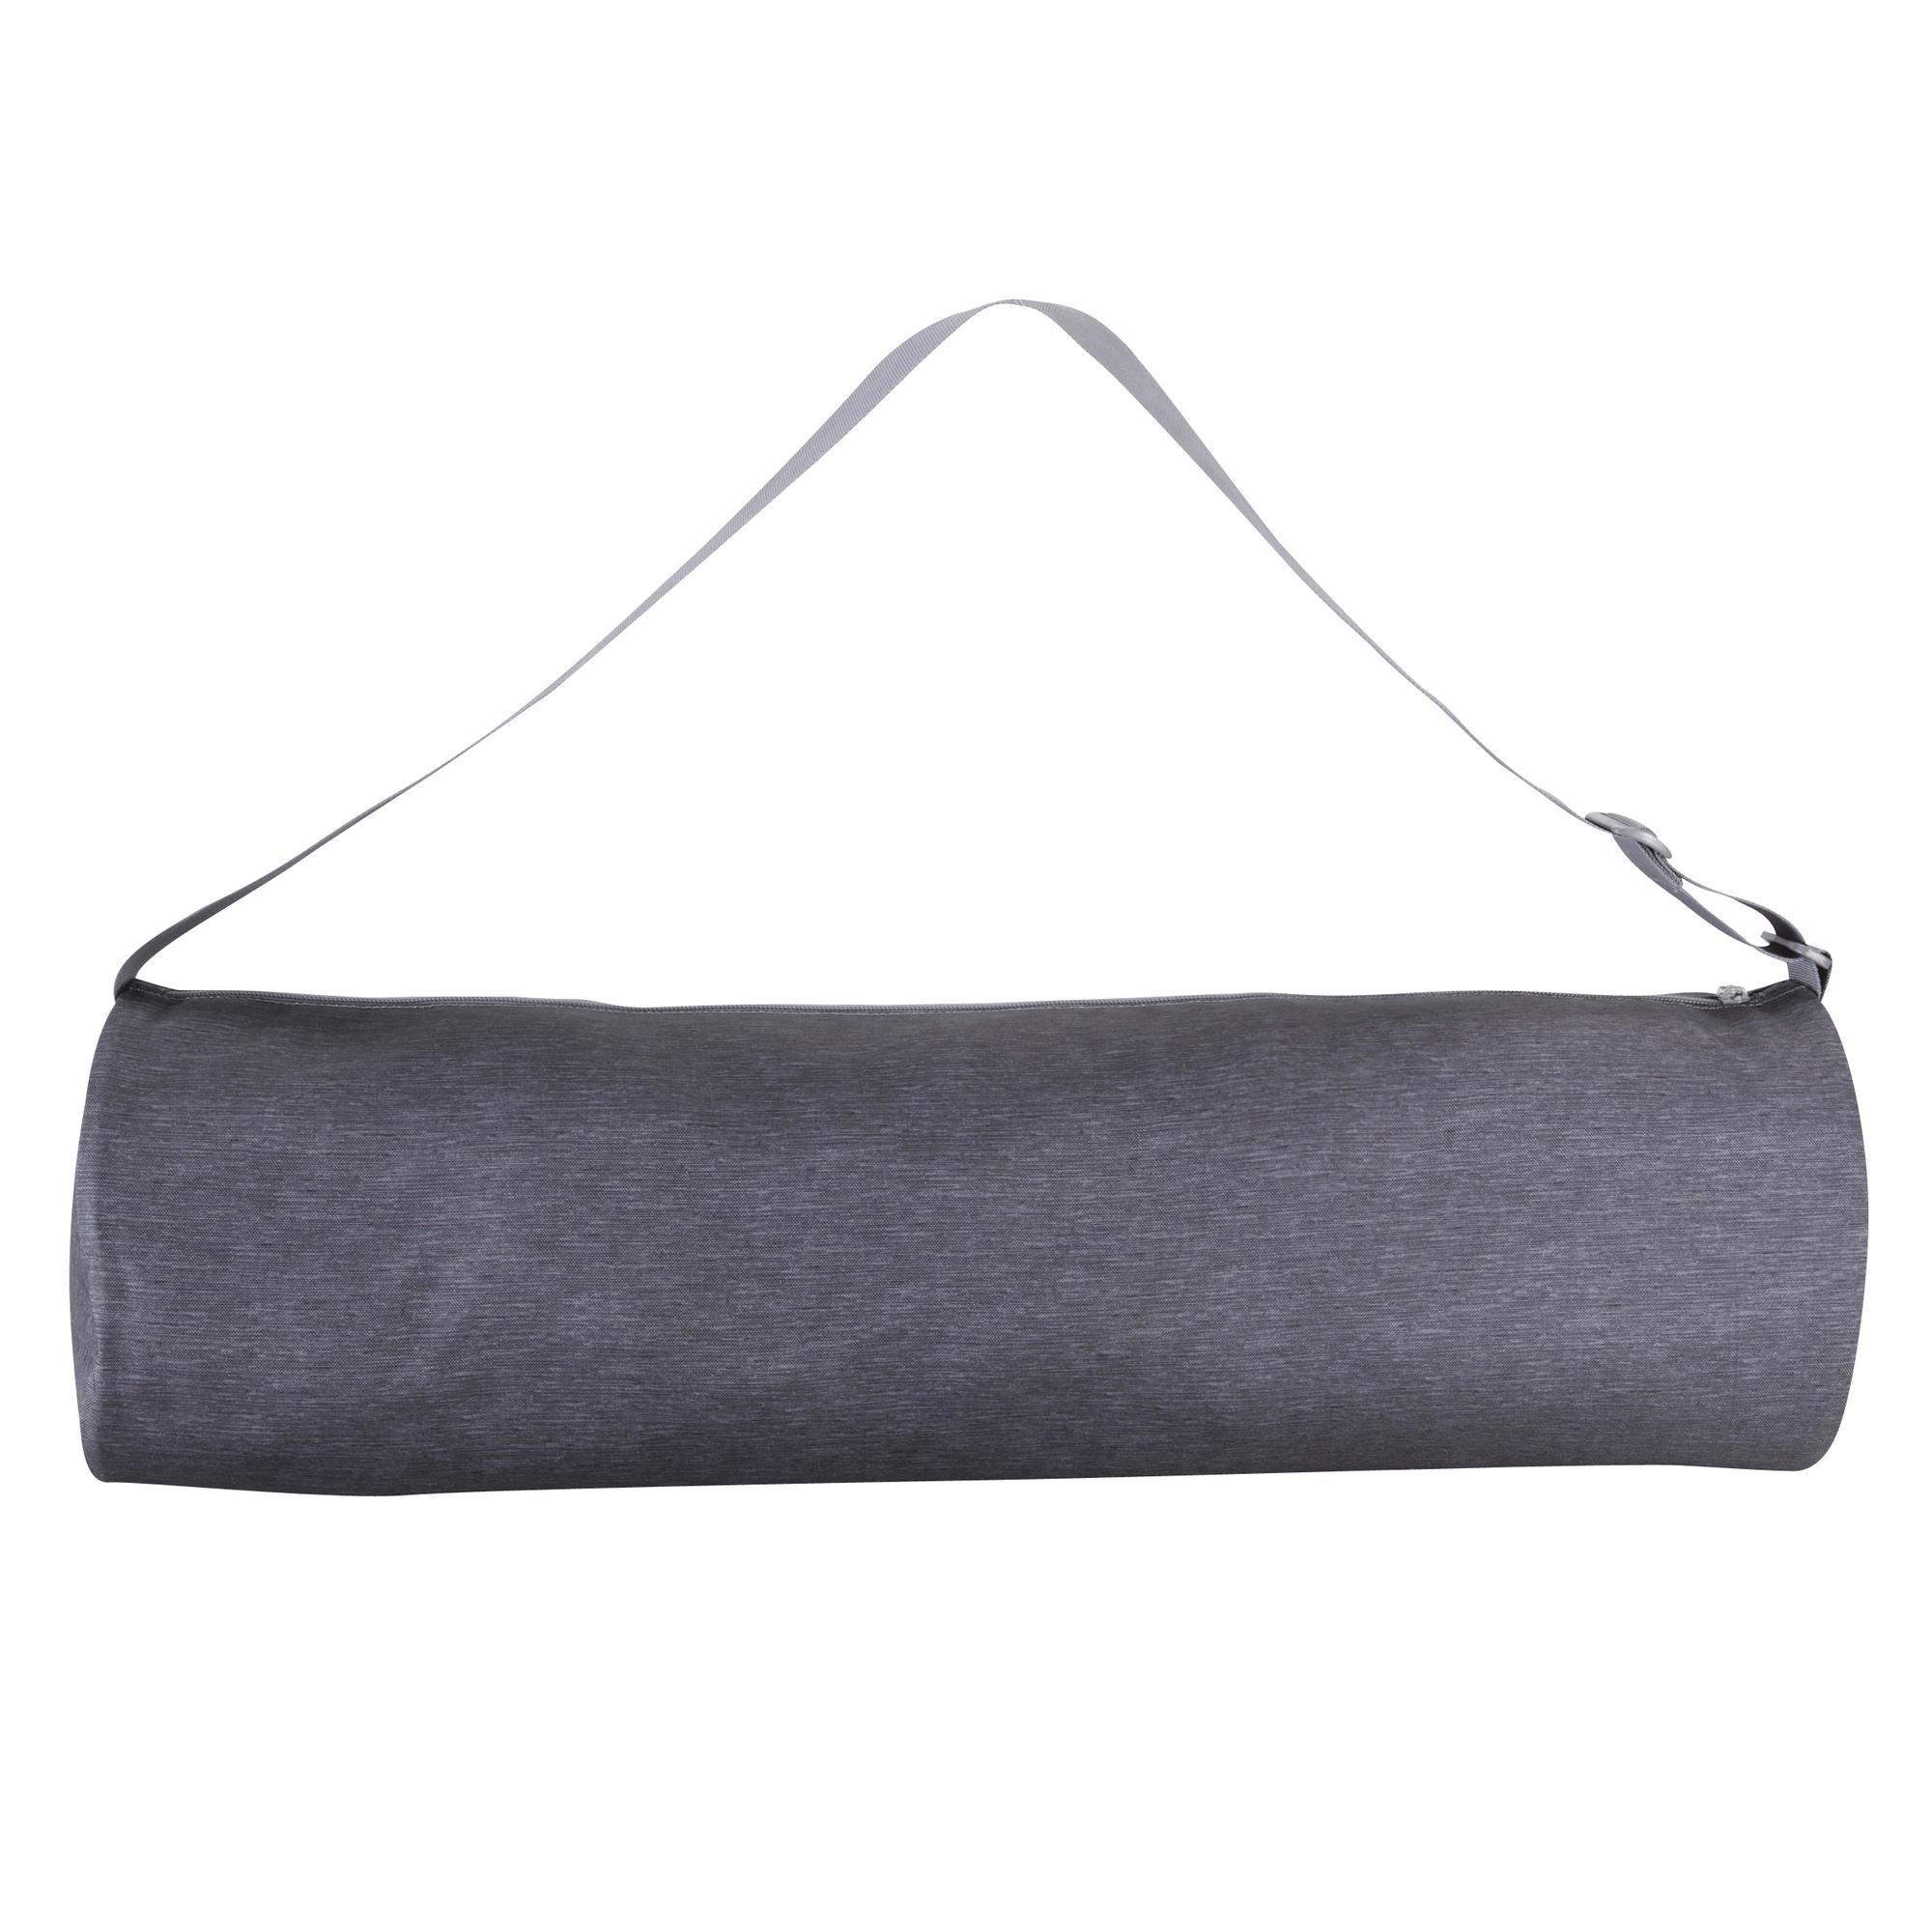 Tas voor yogamat XL grijs